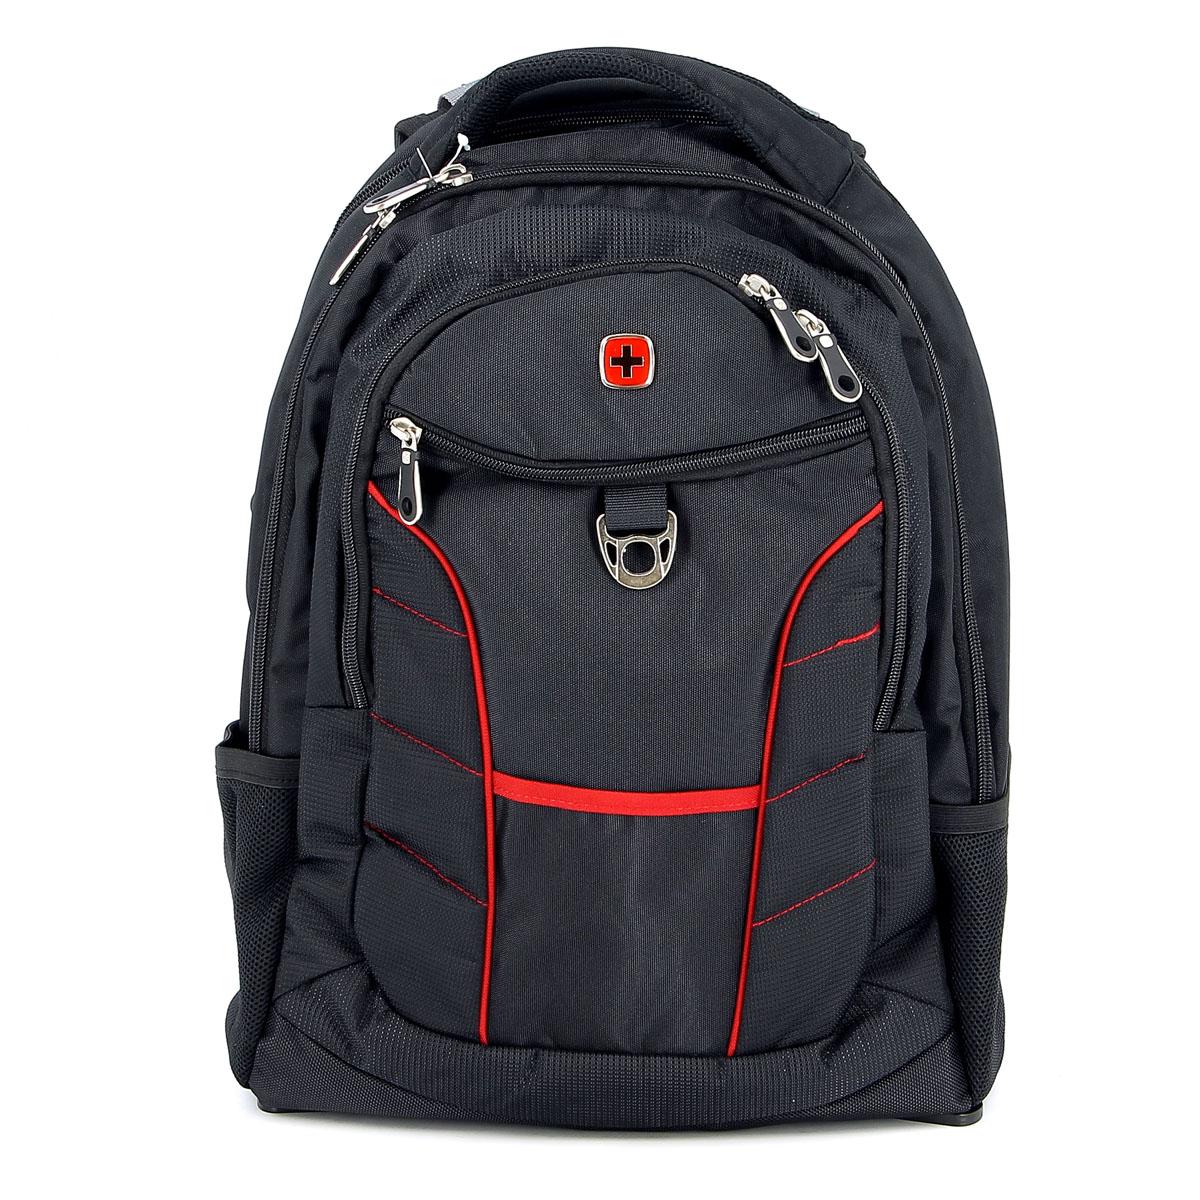 Рюкзак Wenger Rad, цвет: черный, красный, 35 см х 20 см х 47 см, 33 л1178215Рюкзак Wenger Rad – это самодостаточный, многофункциональный и надежный спутник своего владельца, как и знаменитый швейцарский нож! Благодаря многофункциональности рюкзака Wenger, вы можете легко организовать свои вещи, отправив ключи, мобильный телефон и еще тысячу мелочей в специальный карман-органайзер, положив ноутбук в надежный мягкий карман под спинкой. После этого останется еще много места для других необходимых вещей. Рюкзаки и сумки Wenger – это прежде всего современные материалы и фурнитура от надежных поставщиков и швейцарский контроль качества, благодаря которому репутация компании была и остается столь высокой. Продуманная конструкция и современные технологии проявляются главным образом в потрясающей надежности рюкзаков и сумок Wenger. А ведь надежность – самое важное качество и в амуниции, и в людях. Особенности рюкзака: Большой объем для хранения: основное отделение предоставляет достаточный объем для папок, электронных игр и других аксессуаров. ...